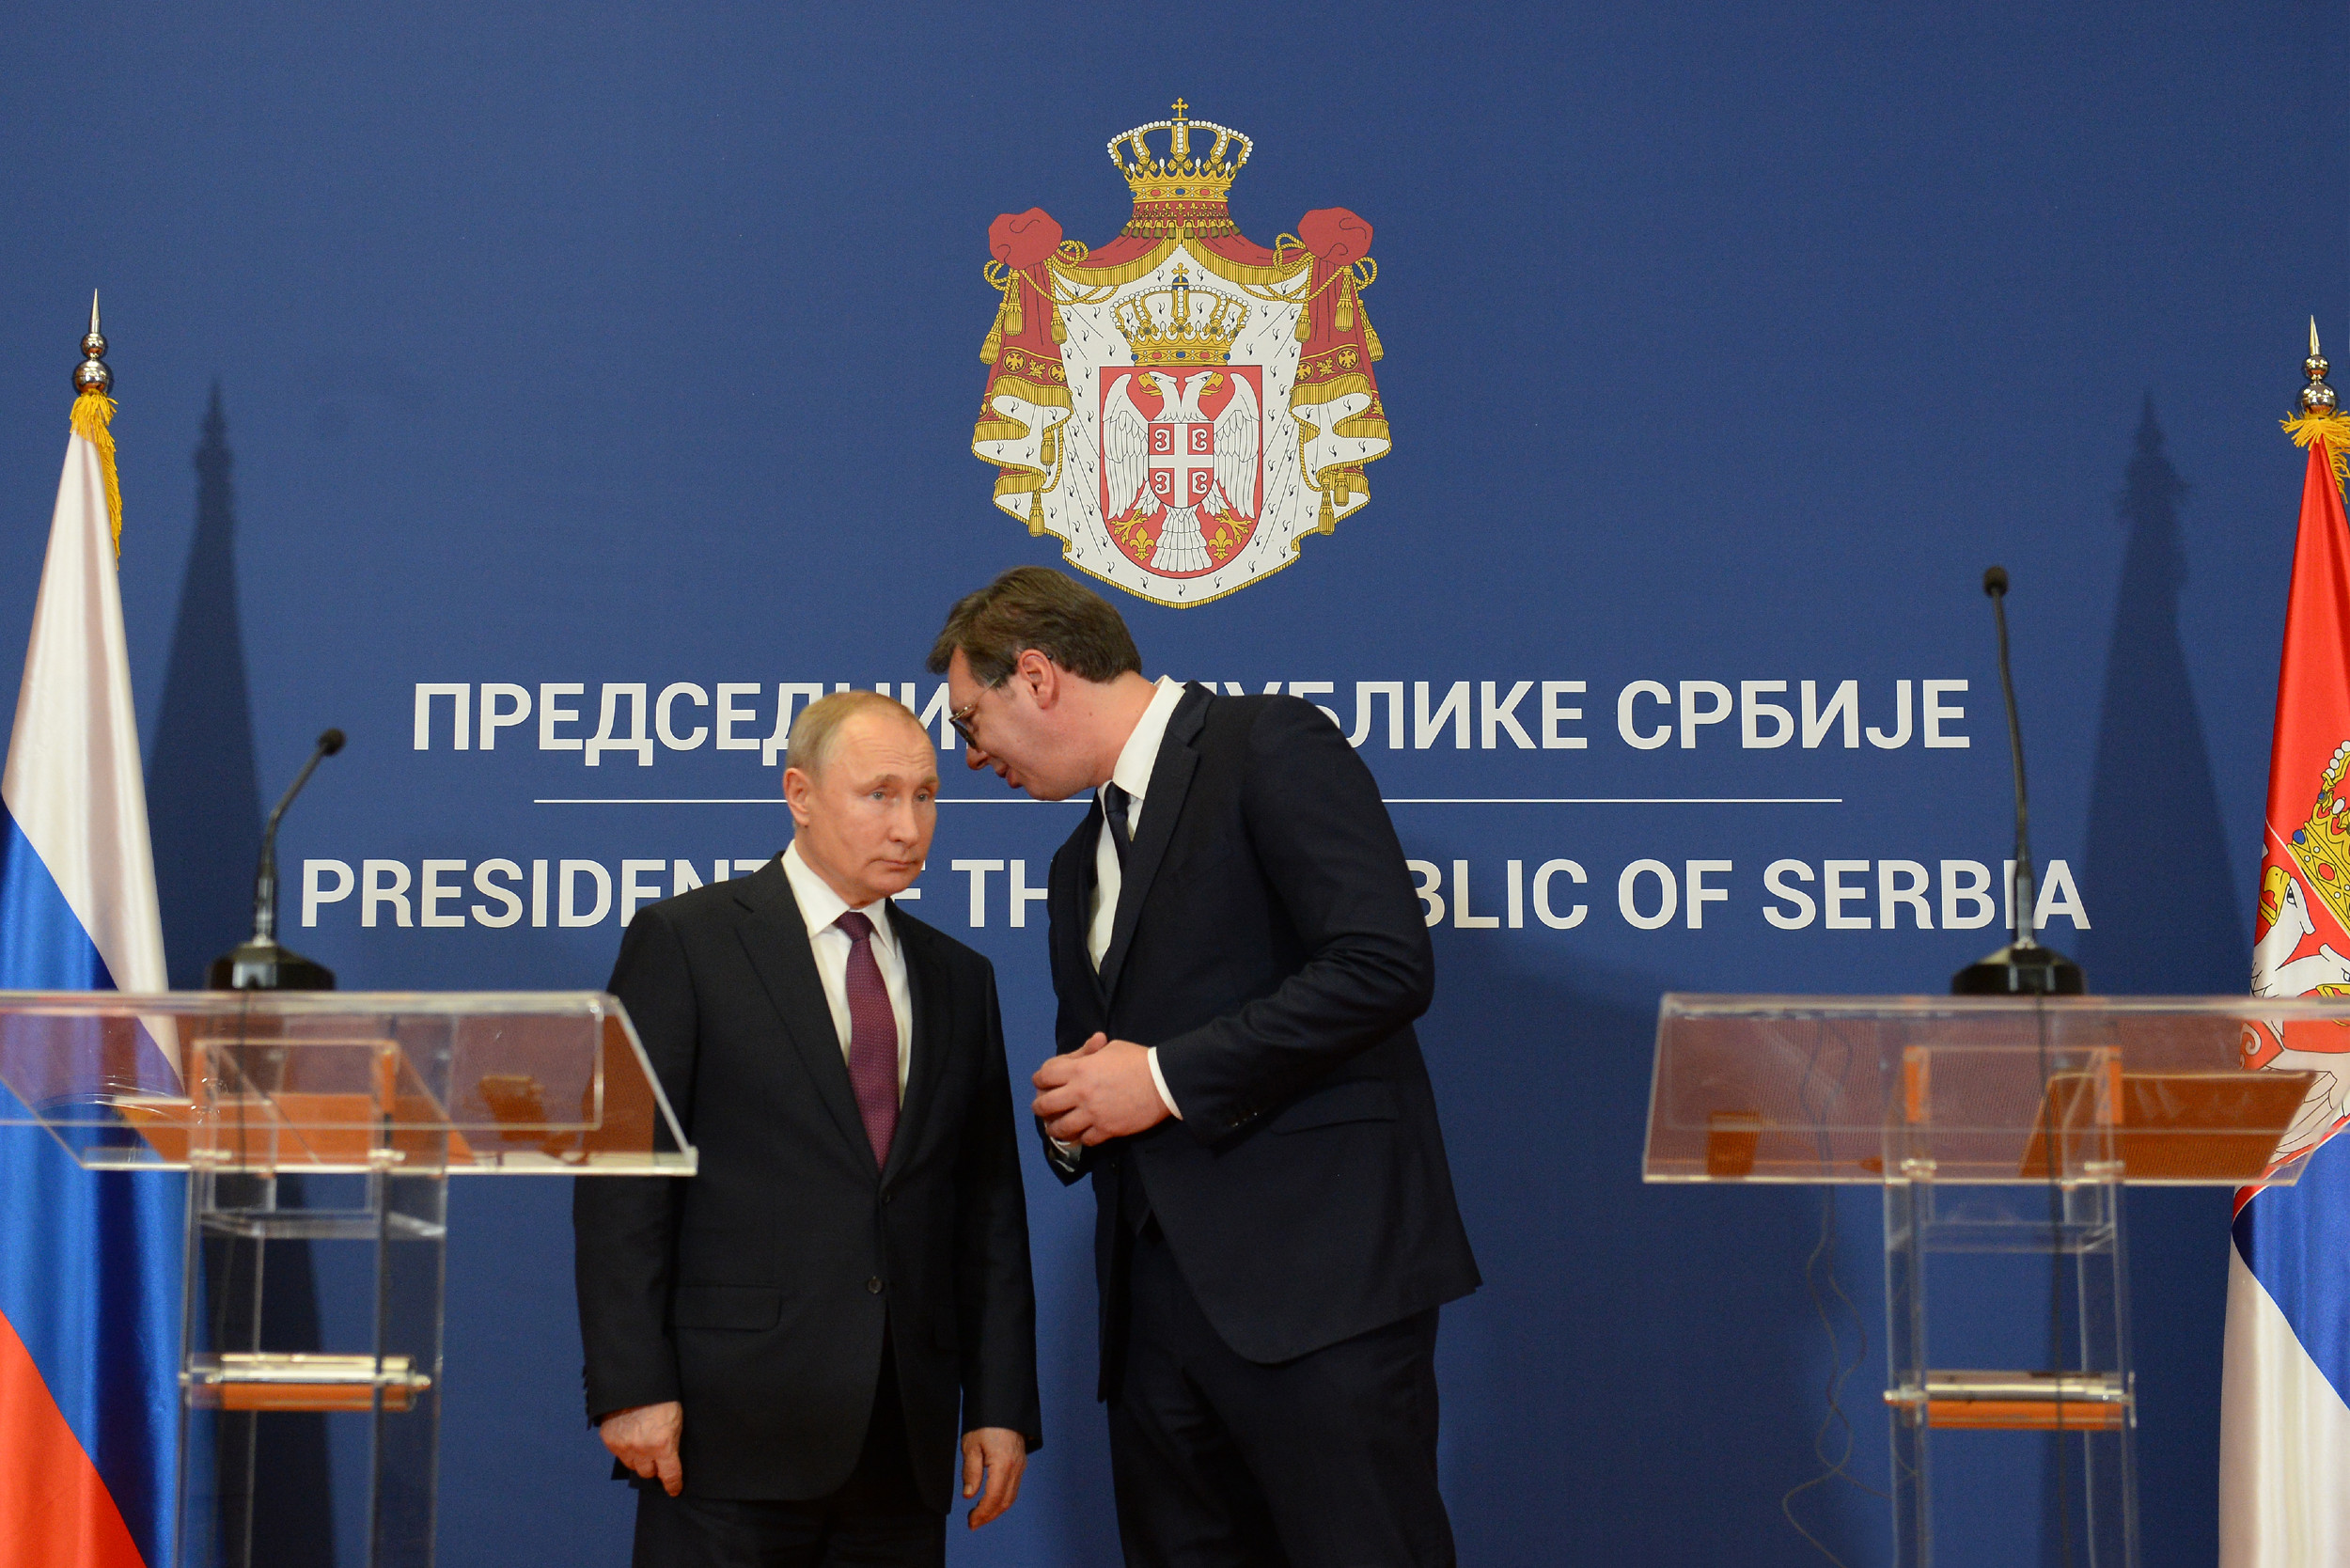 Predsednik Srbije Aleksandar Vučić razgovara sa predsednikom Rusije Vladimirom Putinom tokom zajedničke konferencije za medije, Beograd, 17. januar 2019. (Foto: Tanjug/Tanja Valič)